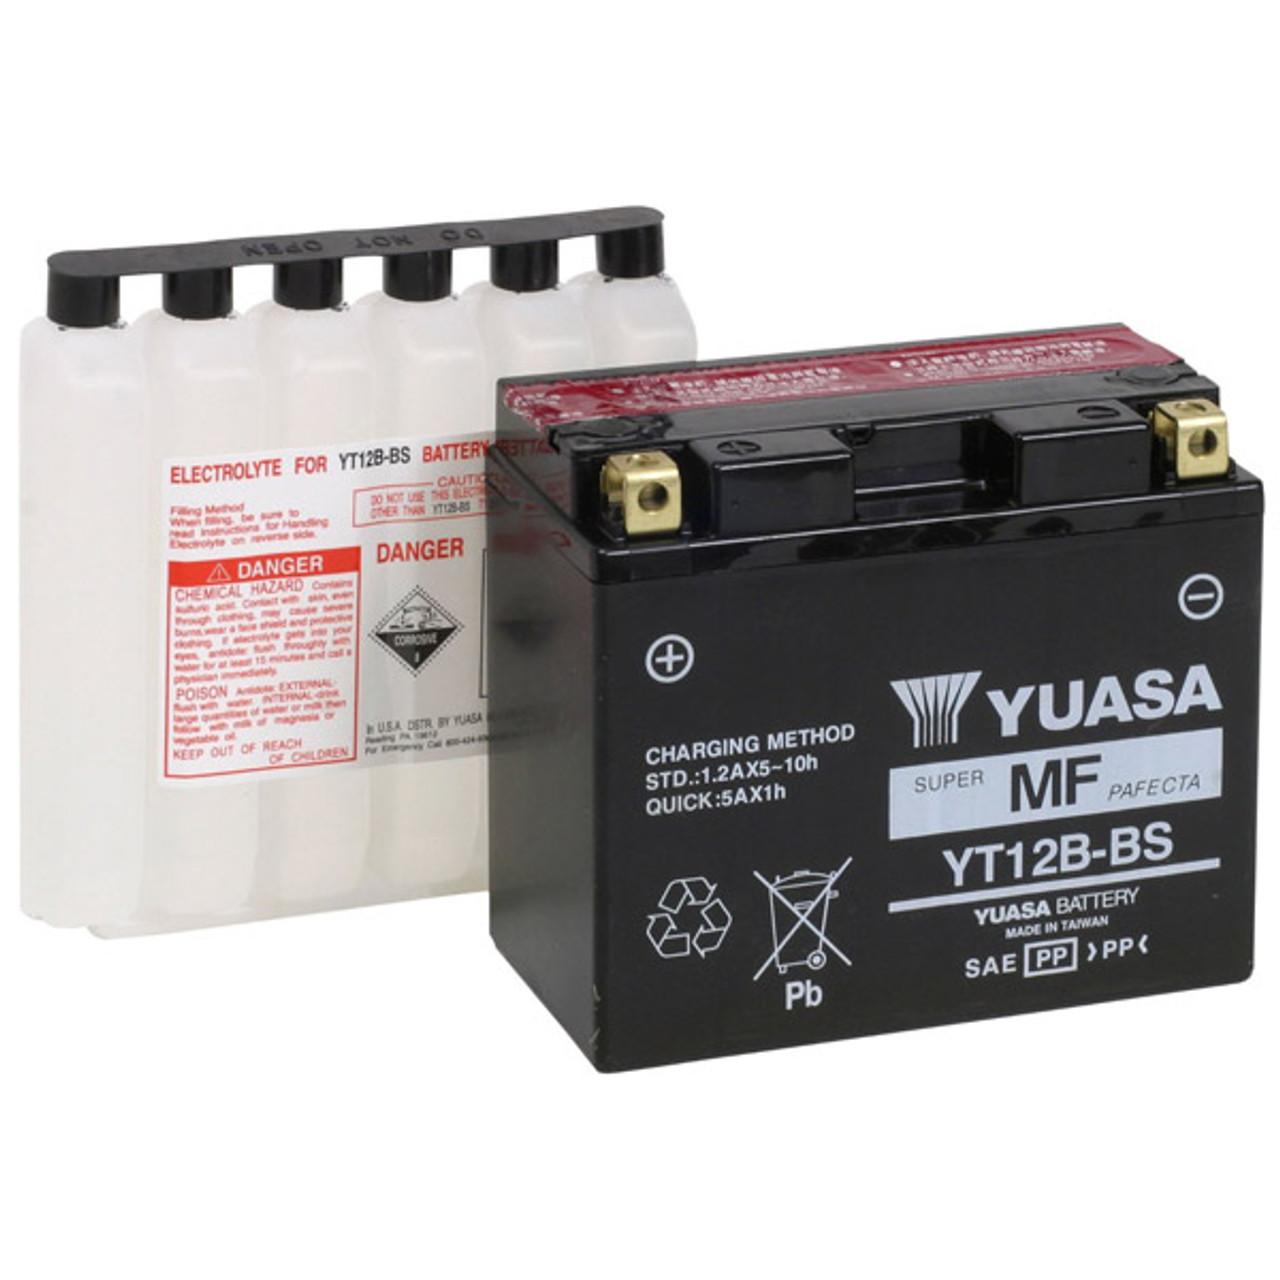 Yuasa YT12B-BS Kawasaki ZX1000-C Ninja ZX-10R 04-/'10 AGM 12 Volt Battery